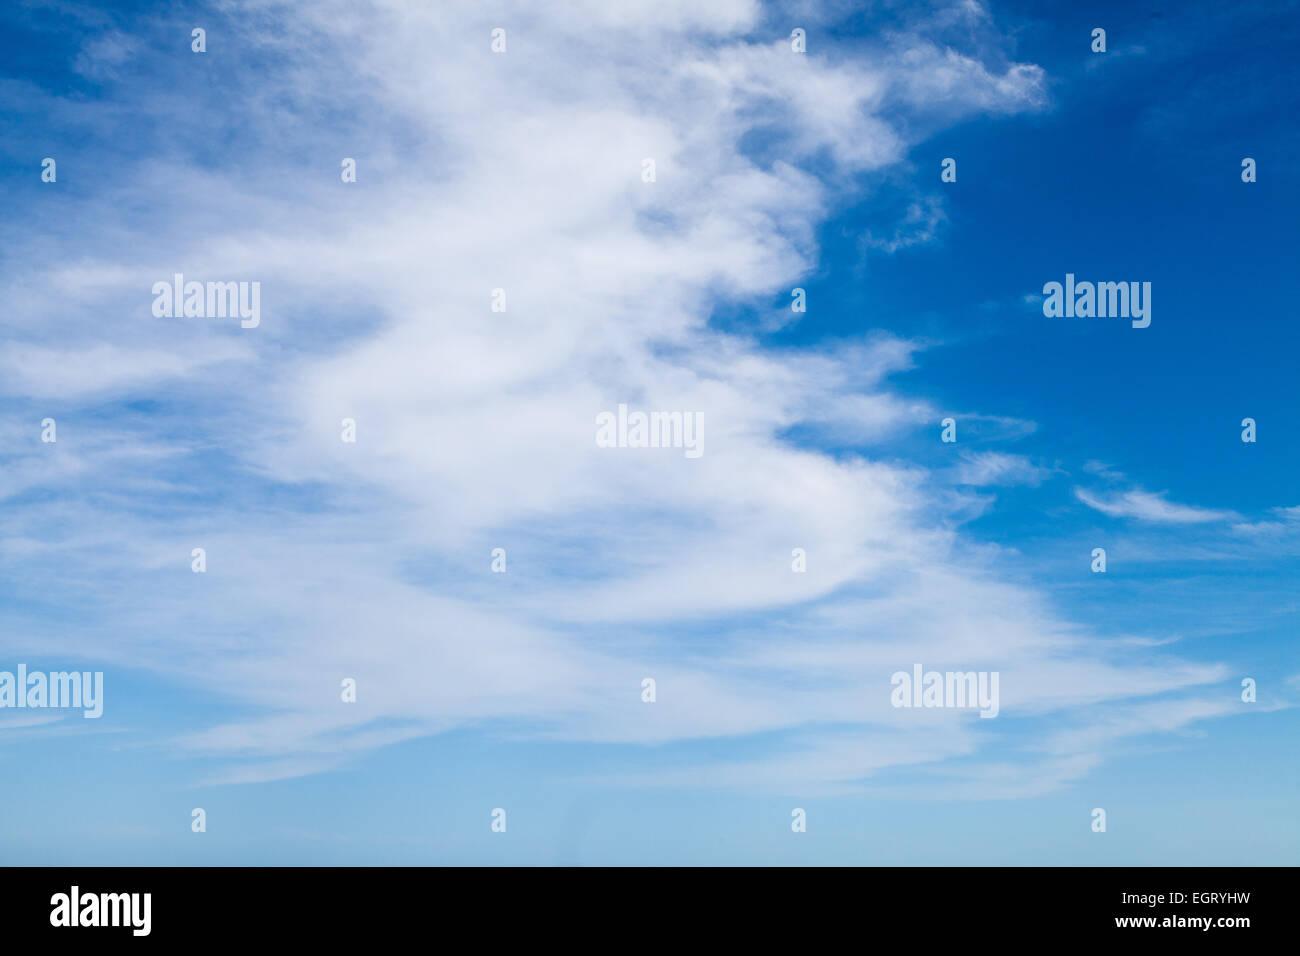 weißen geschwollene Wolkenfetzen machen eine schöne Wolkengebilde dekorieren den blauen Himmel und das Stockbild